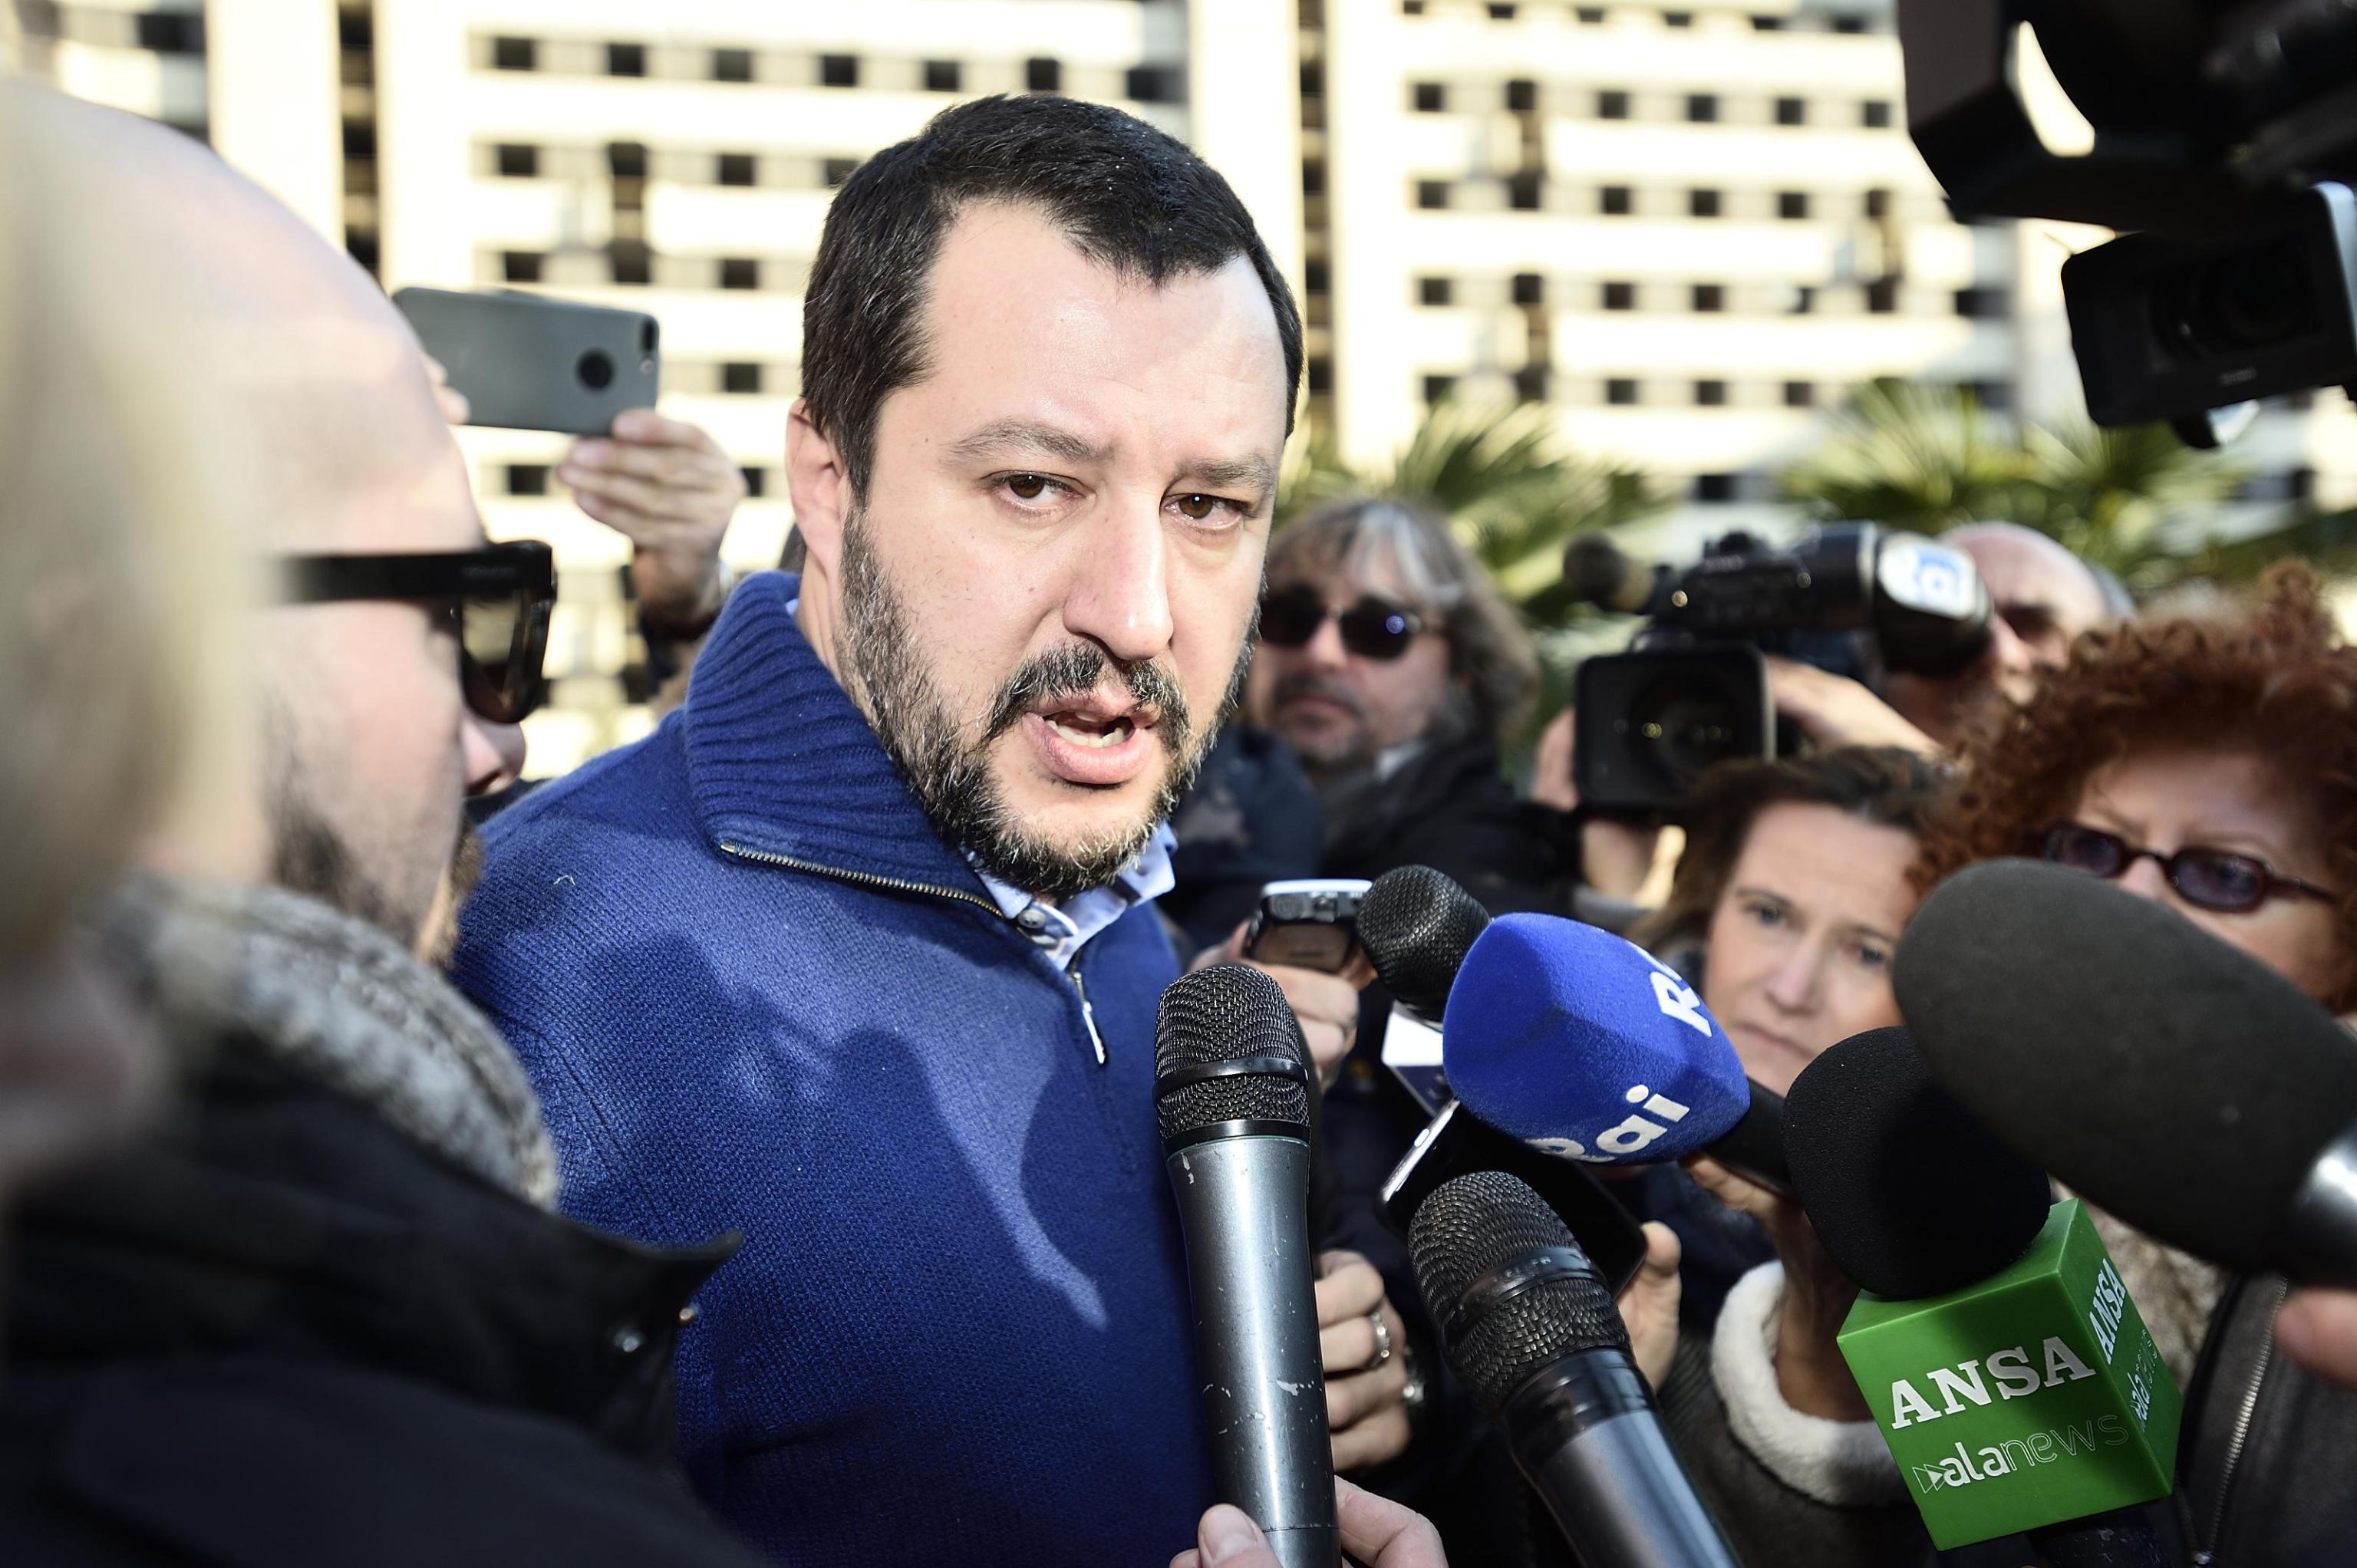 La promessa di Salvini in campagna elettorale: 'Riapriremo le case chiuse'